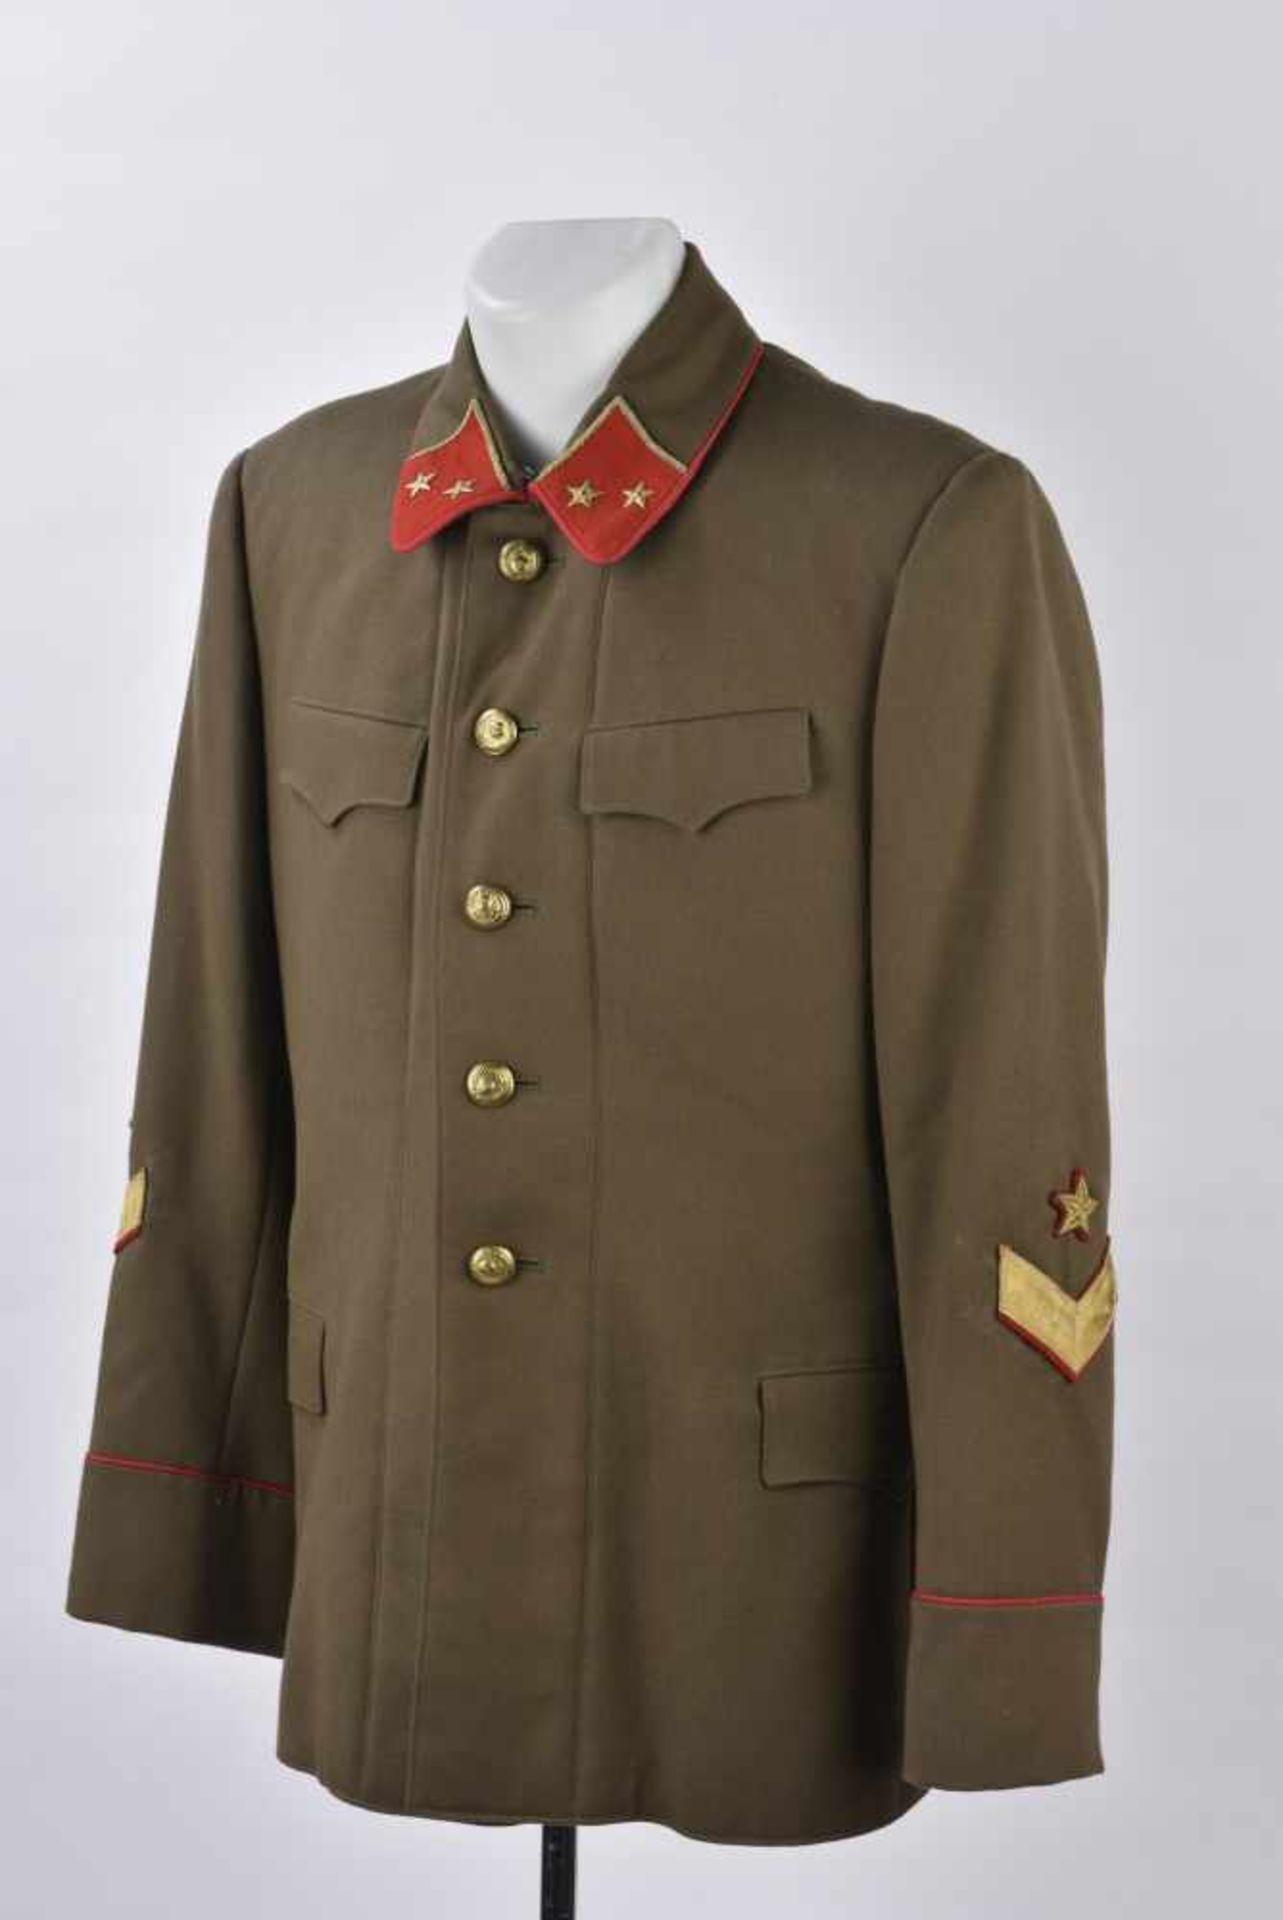 Vareuse de général modèle 1935/40 Pattes de col de major général. Cette pièce provient de la